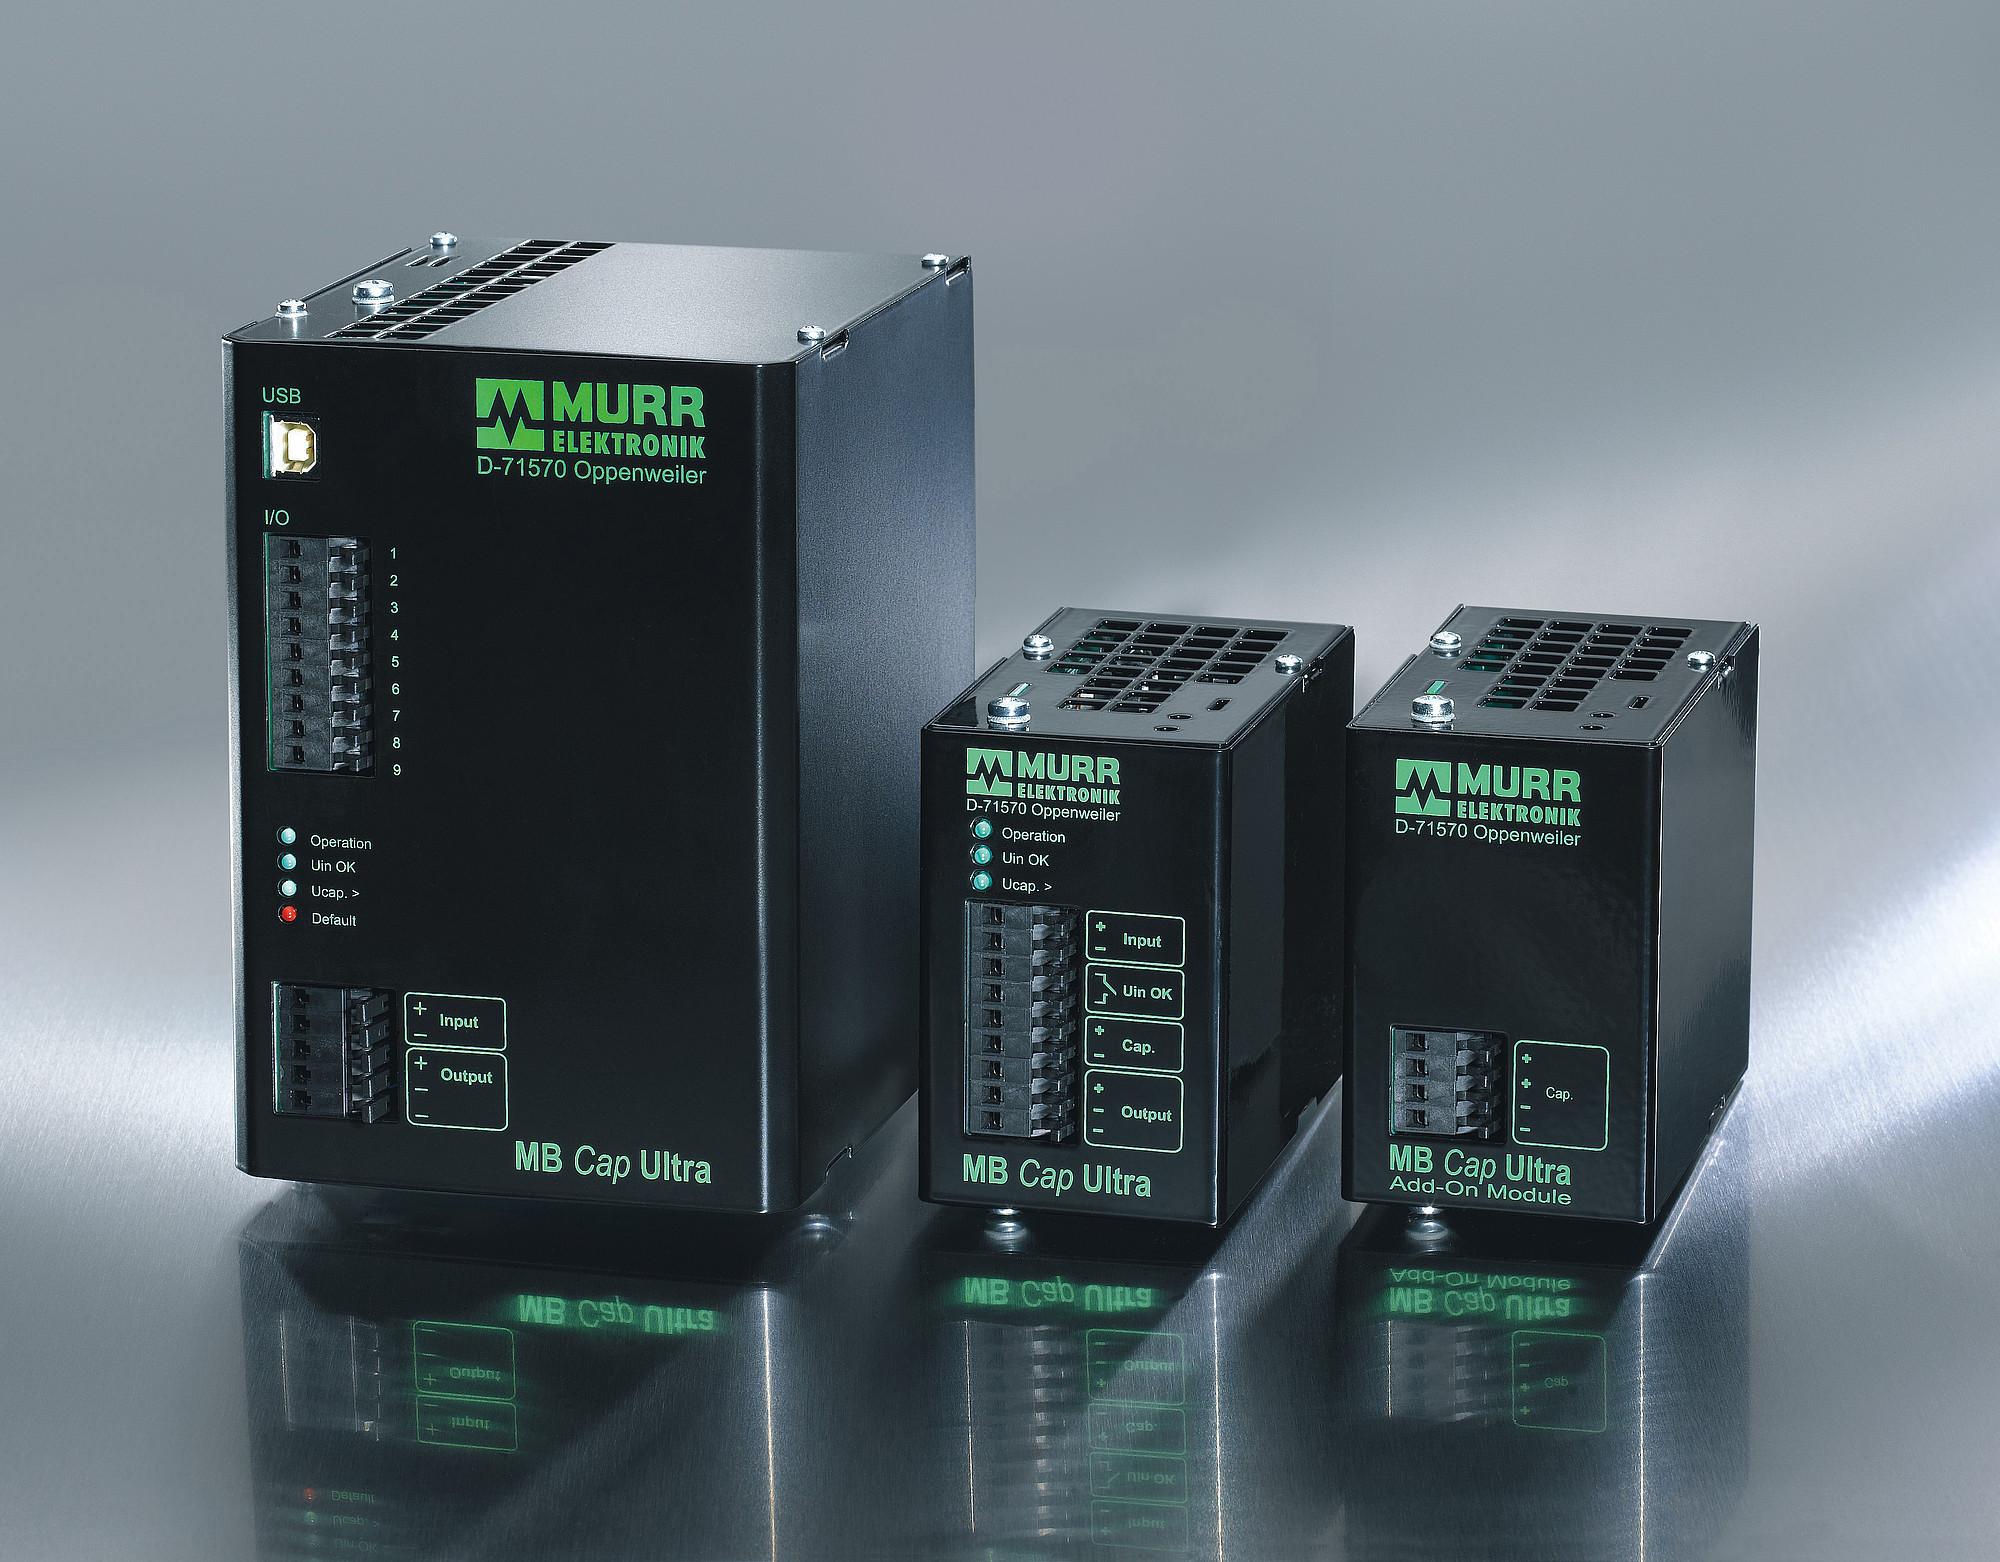 穆尔电子的控制柜设备在机器与系统安装方面保证了优质的电源管理。相互独立的设备之间呈现了高度的融合性。